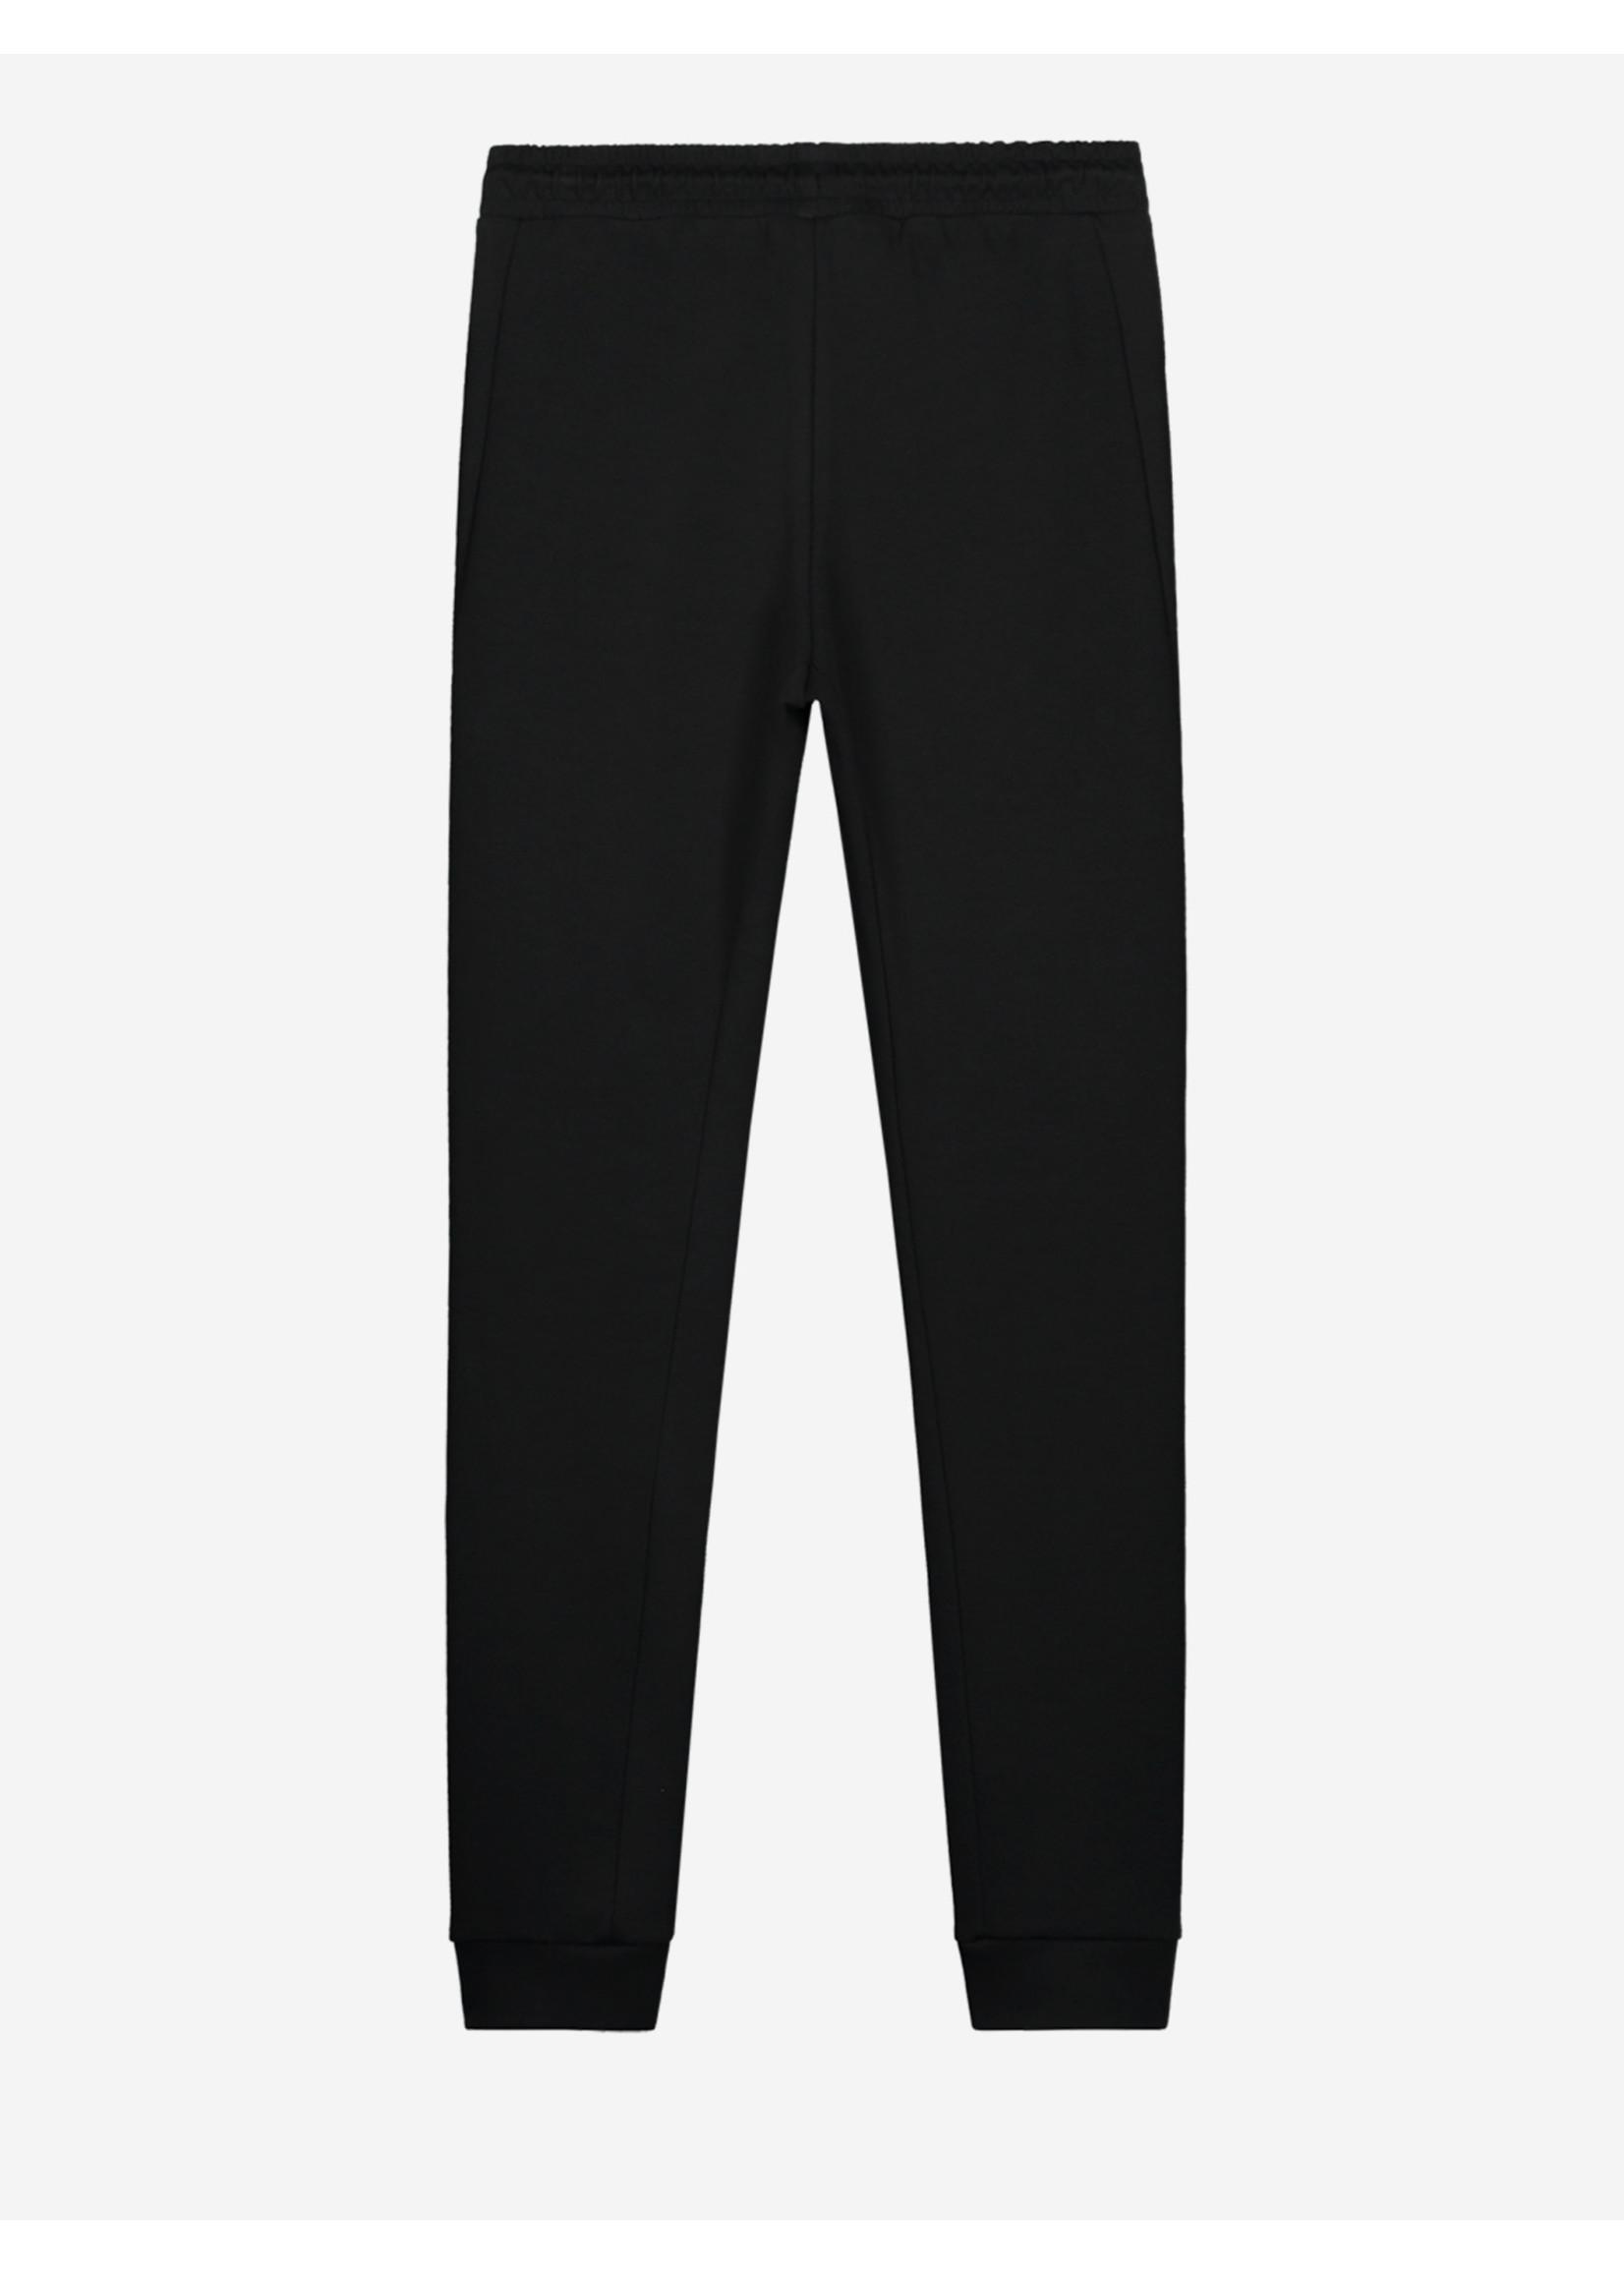 NIK&NIK NIK&NIK Dante Pants - Black